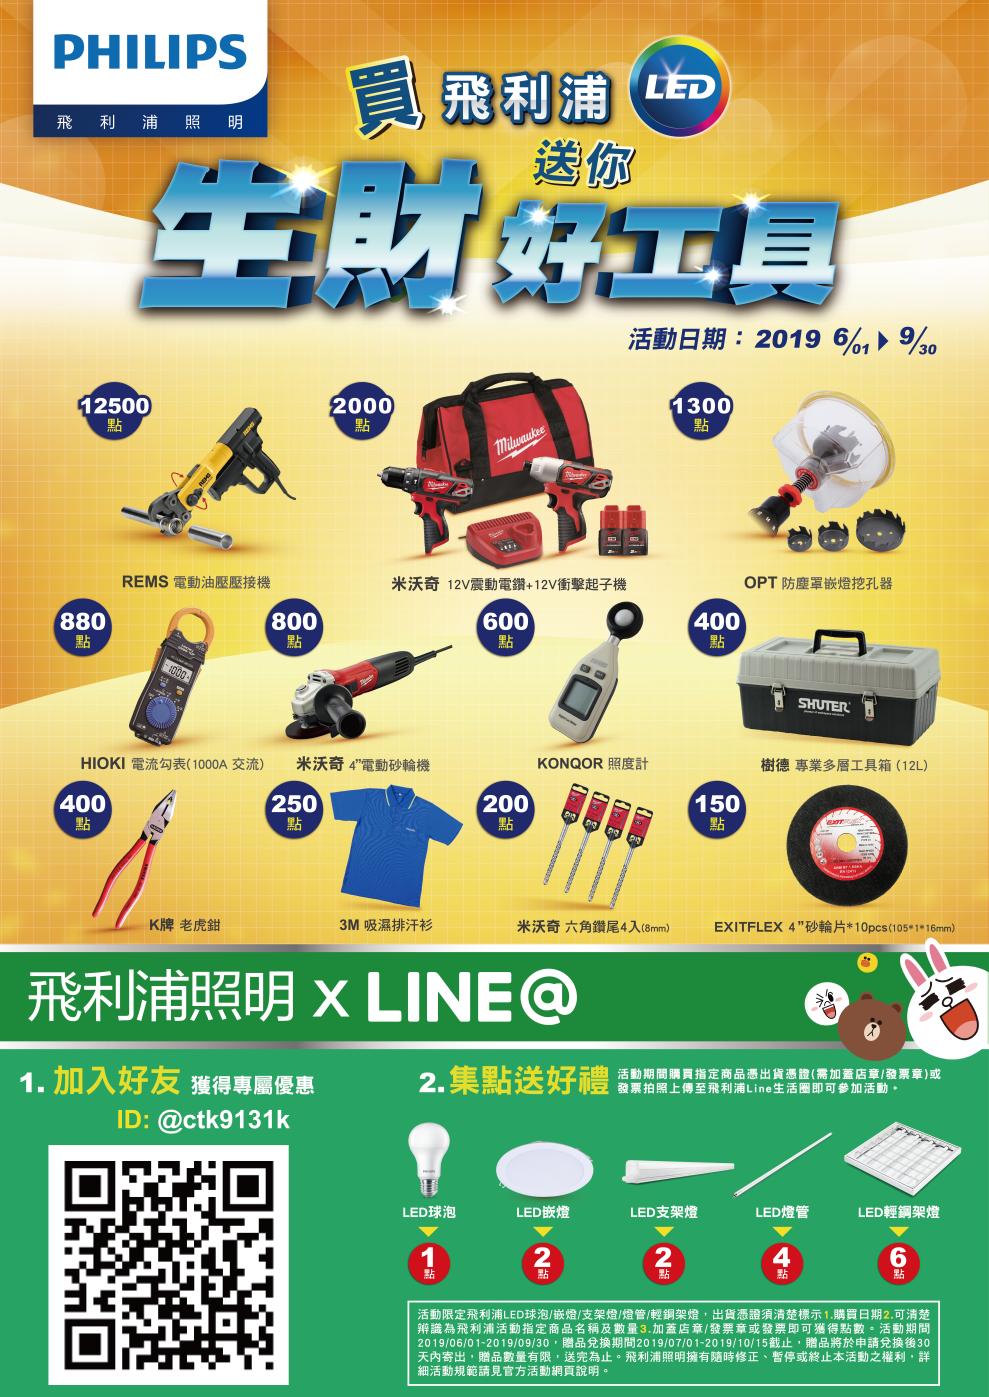 PRO360 • 飛利浦 • 生財好工具 集點大放送